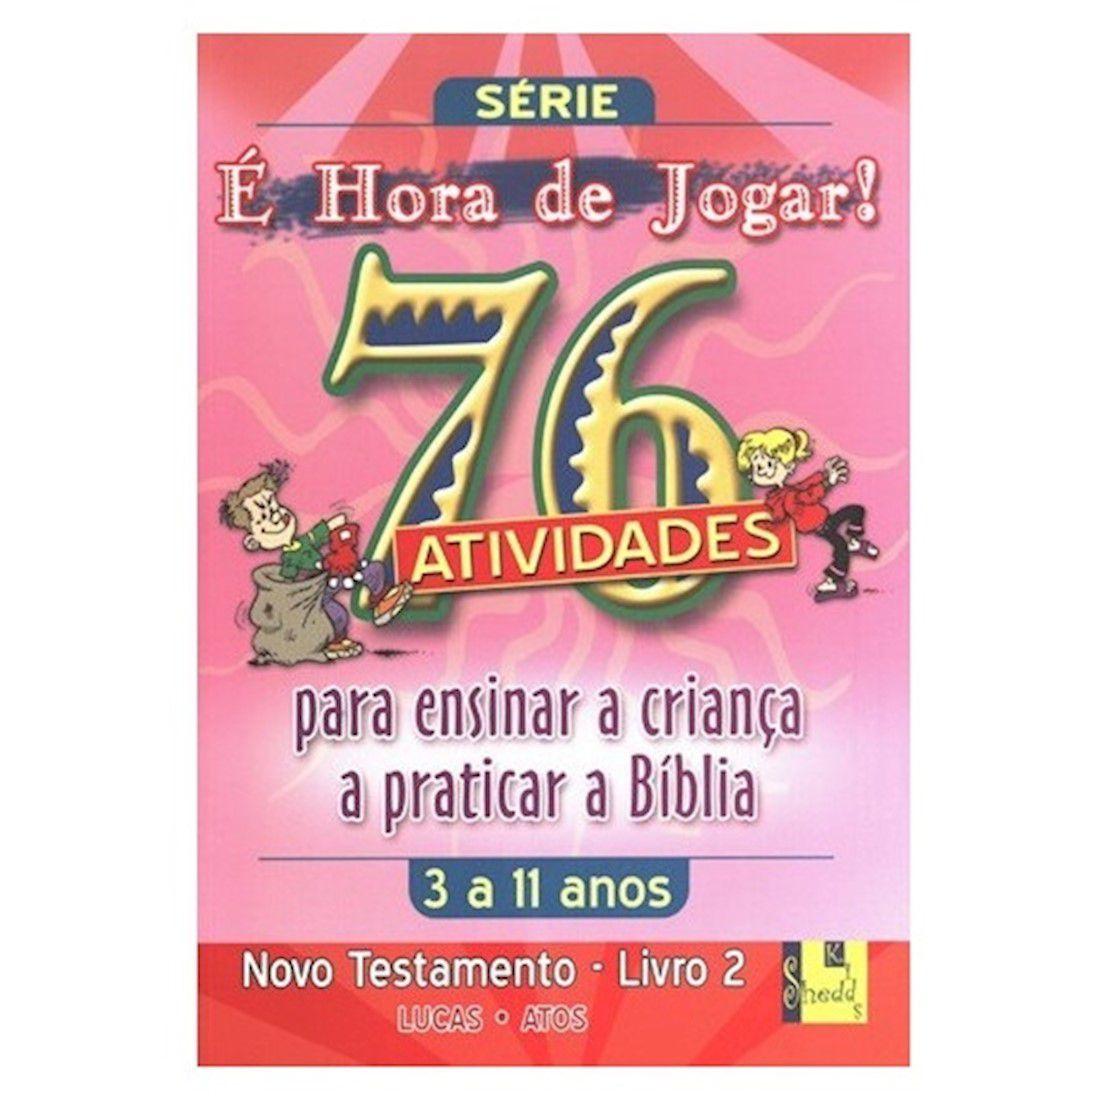 Livro É hora de Jogar - N.T. 2 Lucas e Atos - 76 Atividades